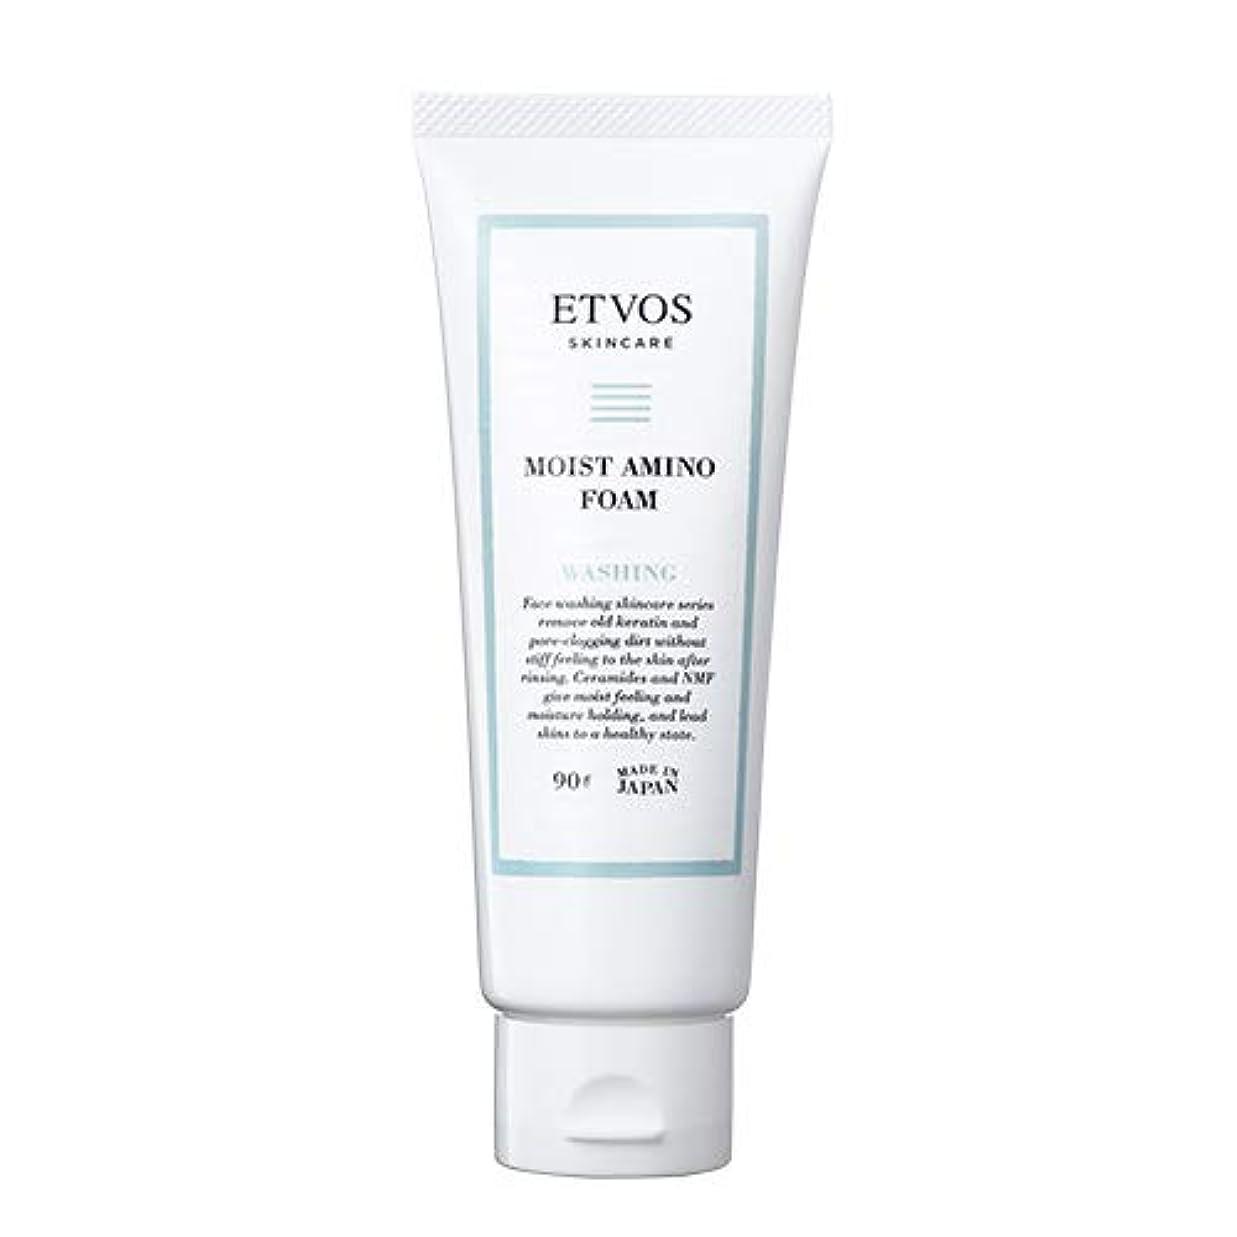 驚いたことにブラシエゴイズムETVOS(エトヴォス) 洗顔フォーム モイストアミノフォーム 90g ヒト型セラミド アミノ酸系 乾燥肌/敏感肌